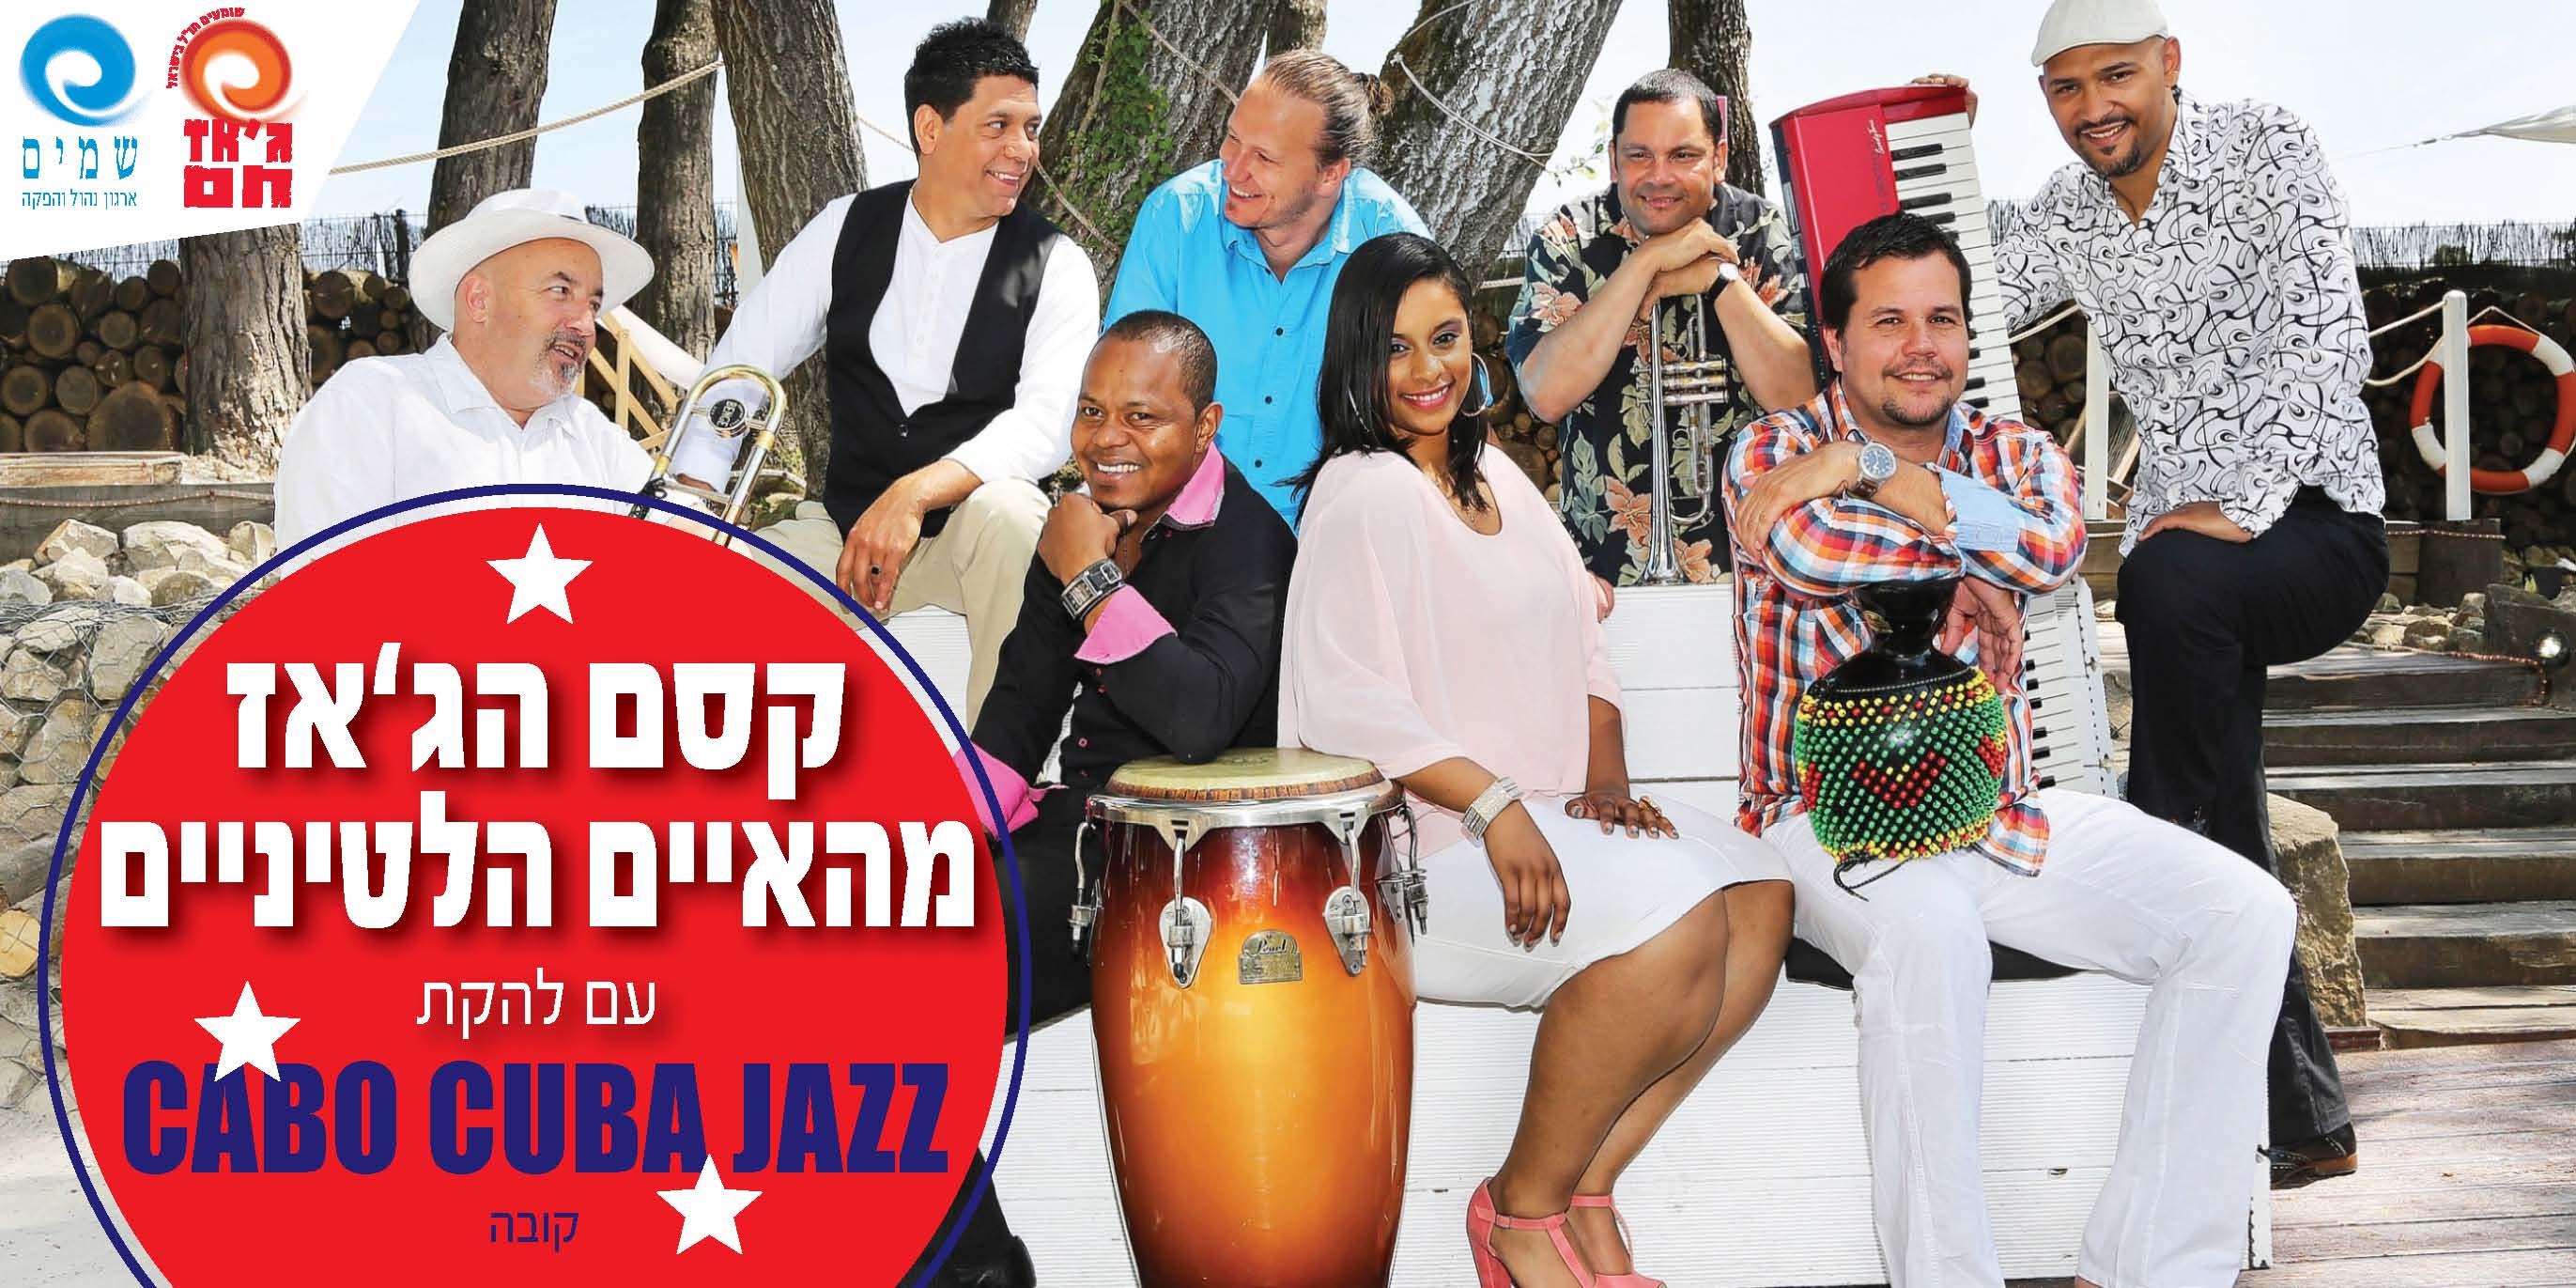 קאבו קובה ג'אז